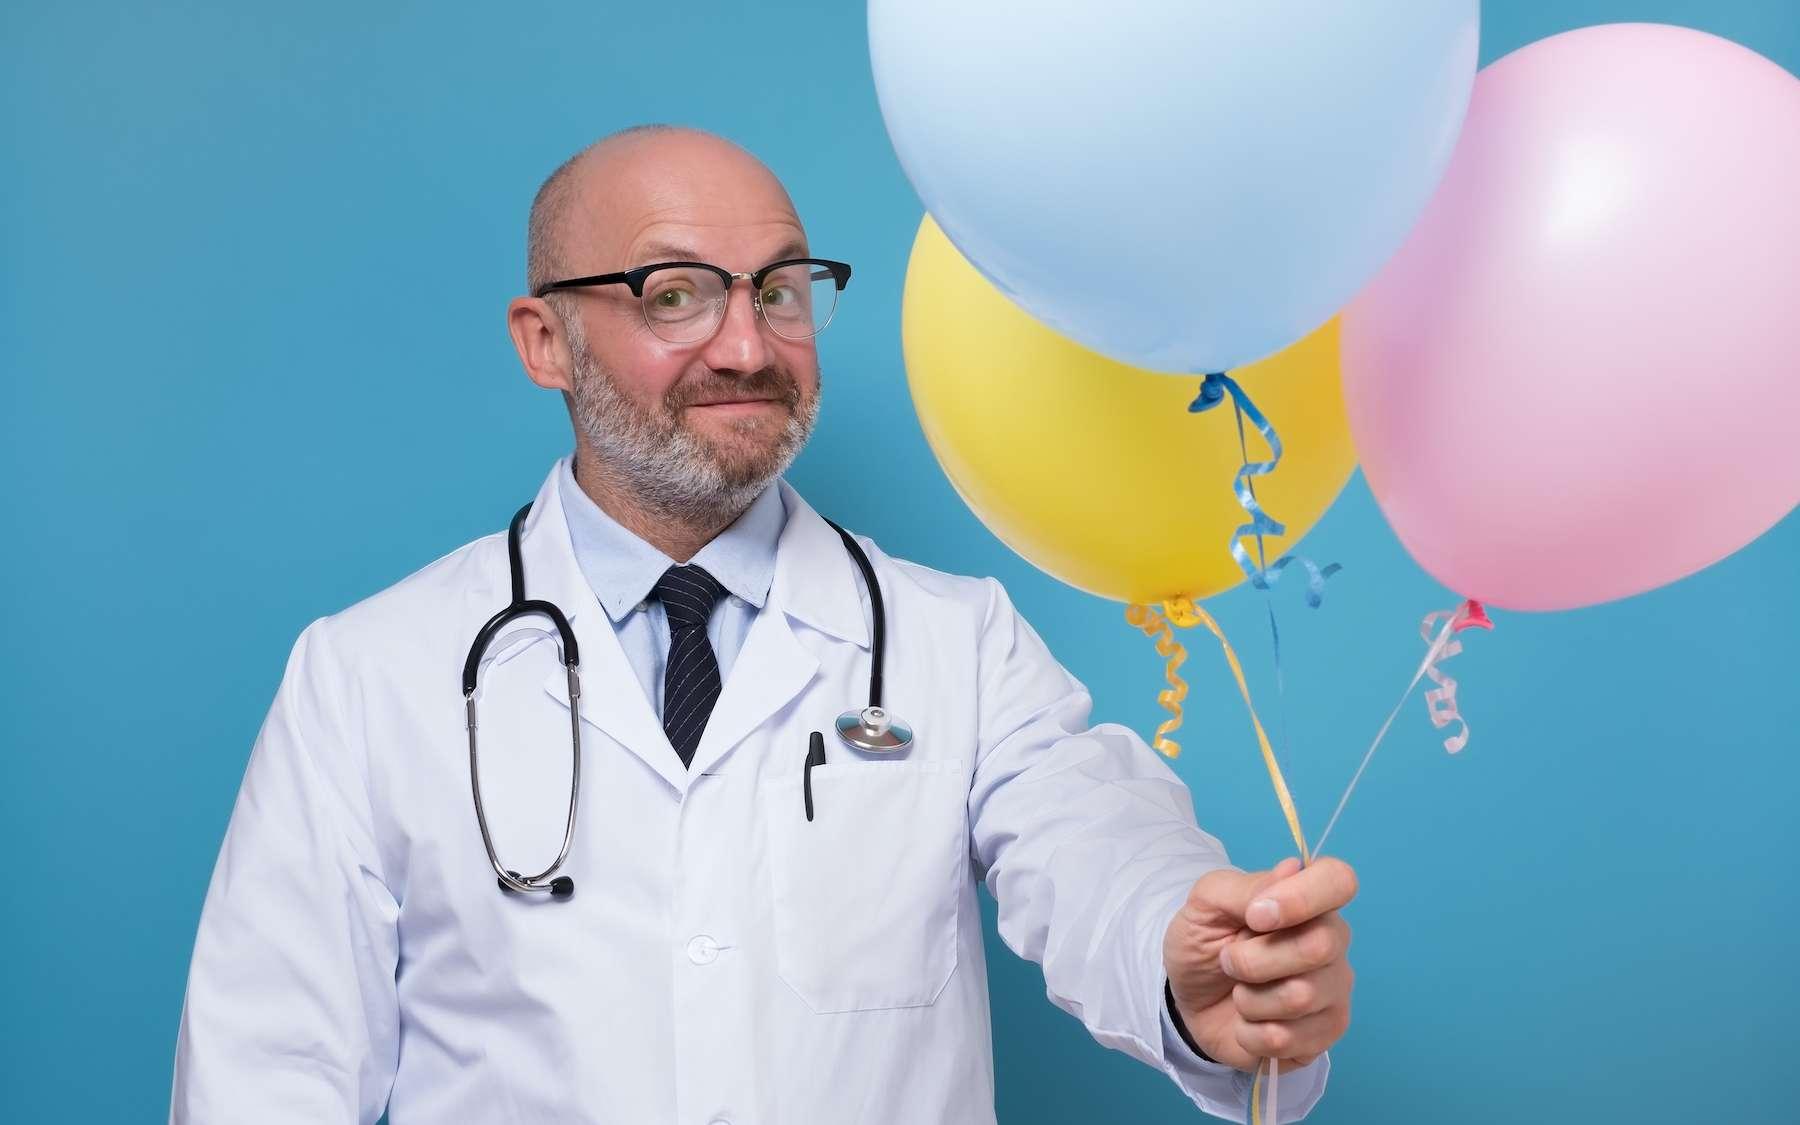 Être opéré le jour de l'anniversaire du chirurgien présente un risque de mortalité plus élevé. © Victor Koldunov, Adobe Stock